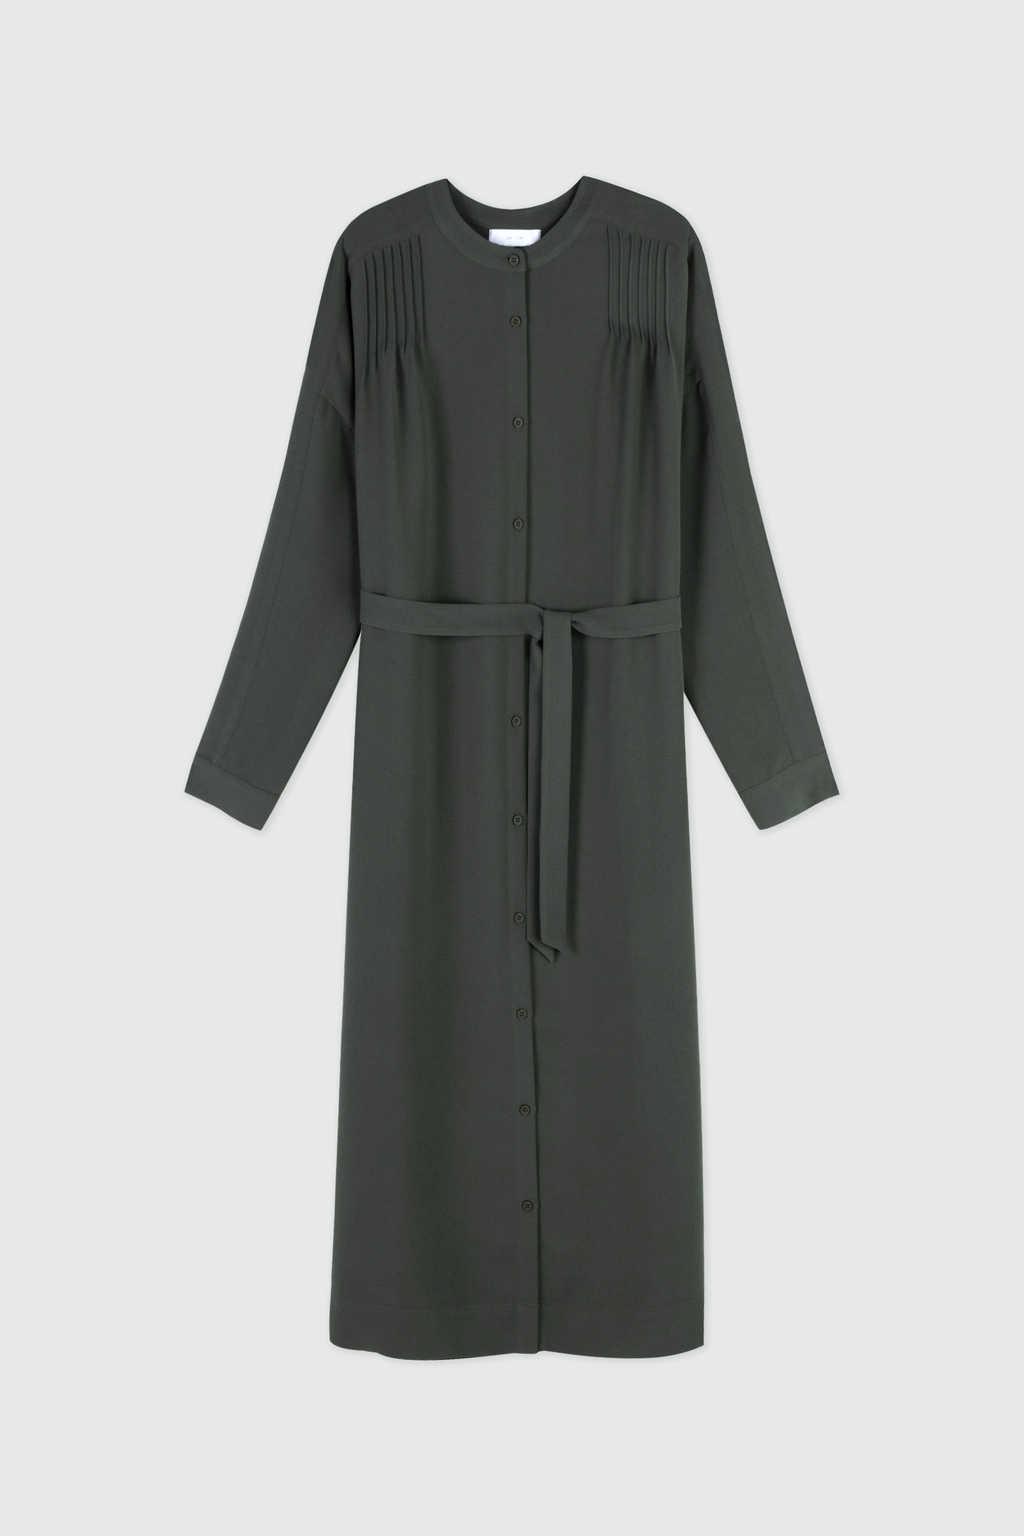 Dress 3054 Sage 12